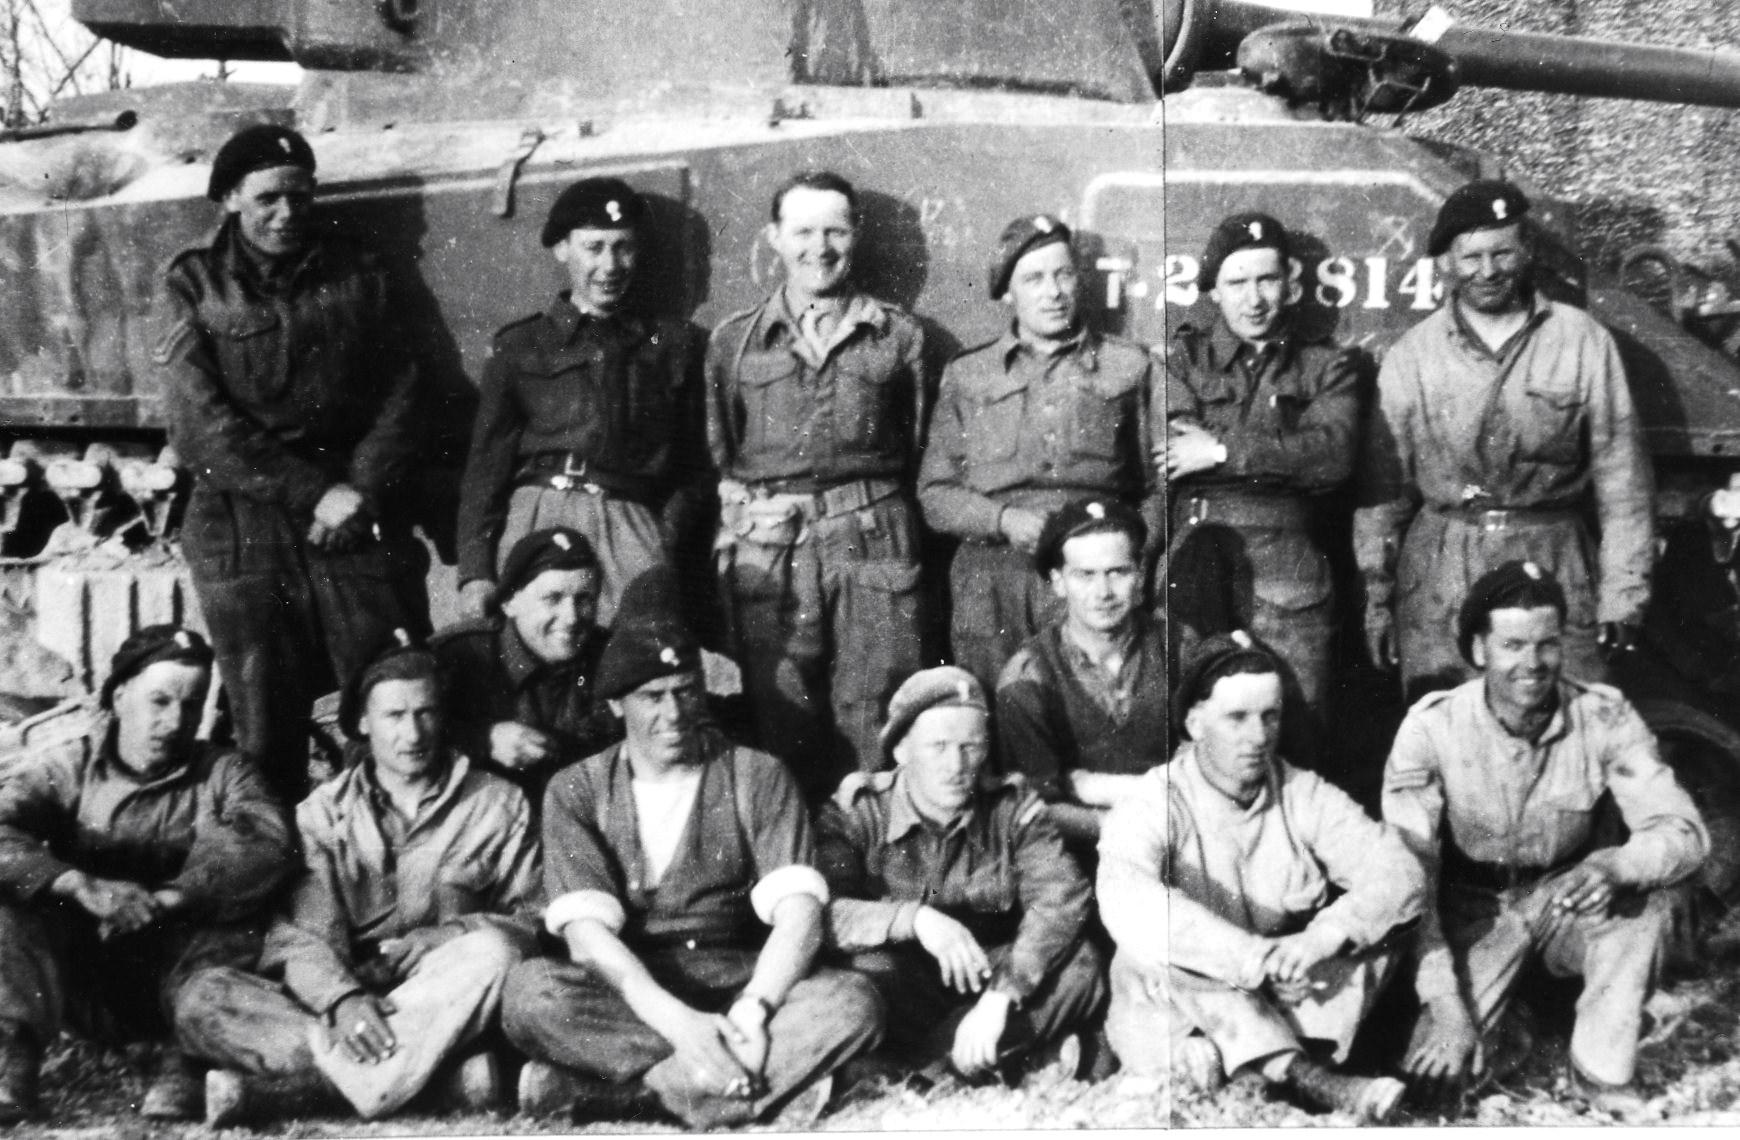 Pesara 1945